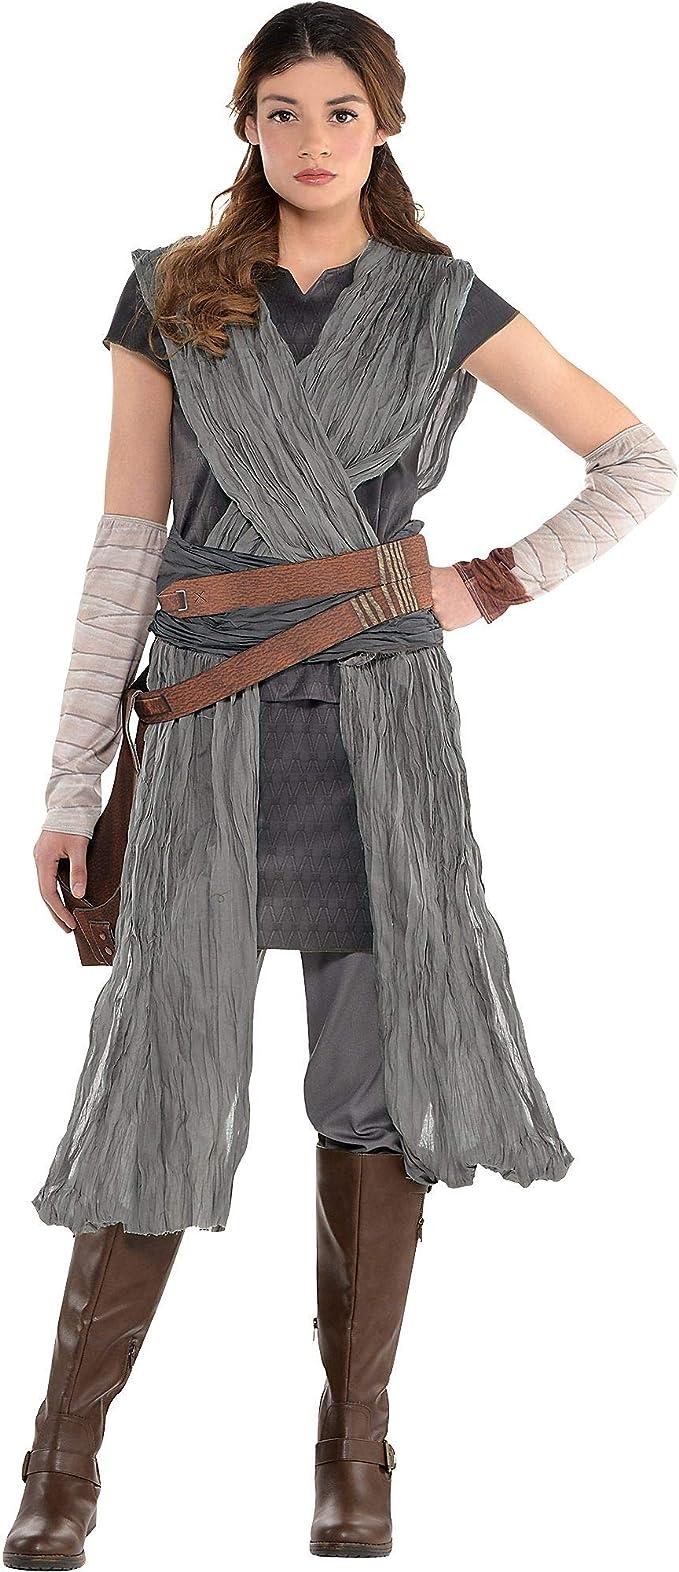 Amazon.com: Disfraces USA Star Wars 8: El último disfraz de ...